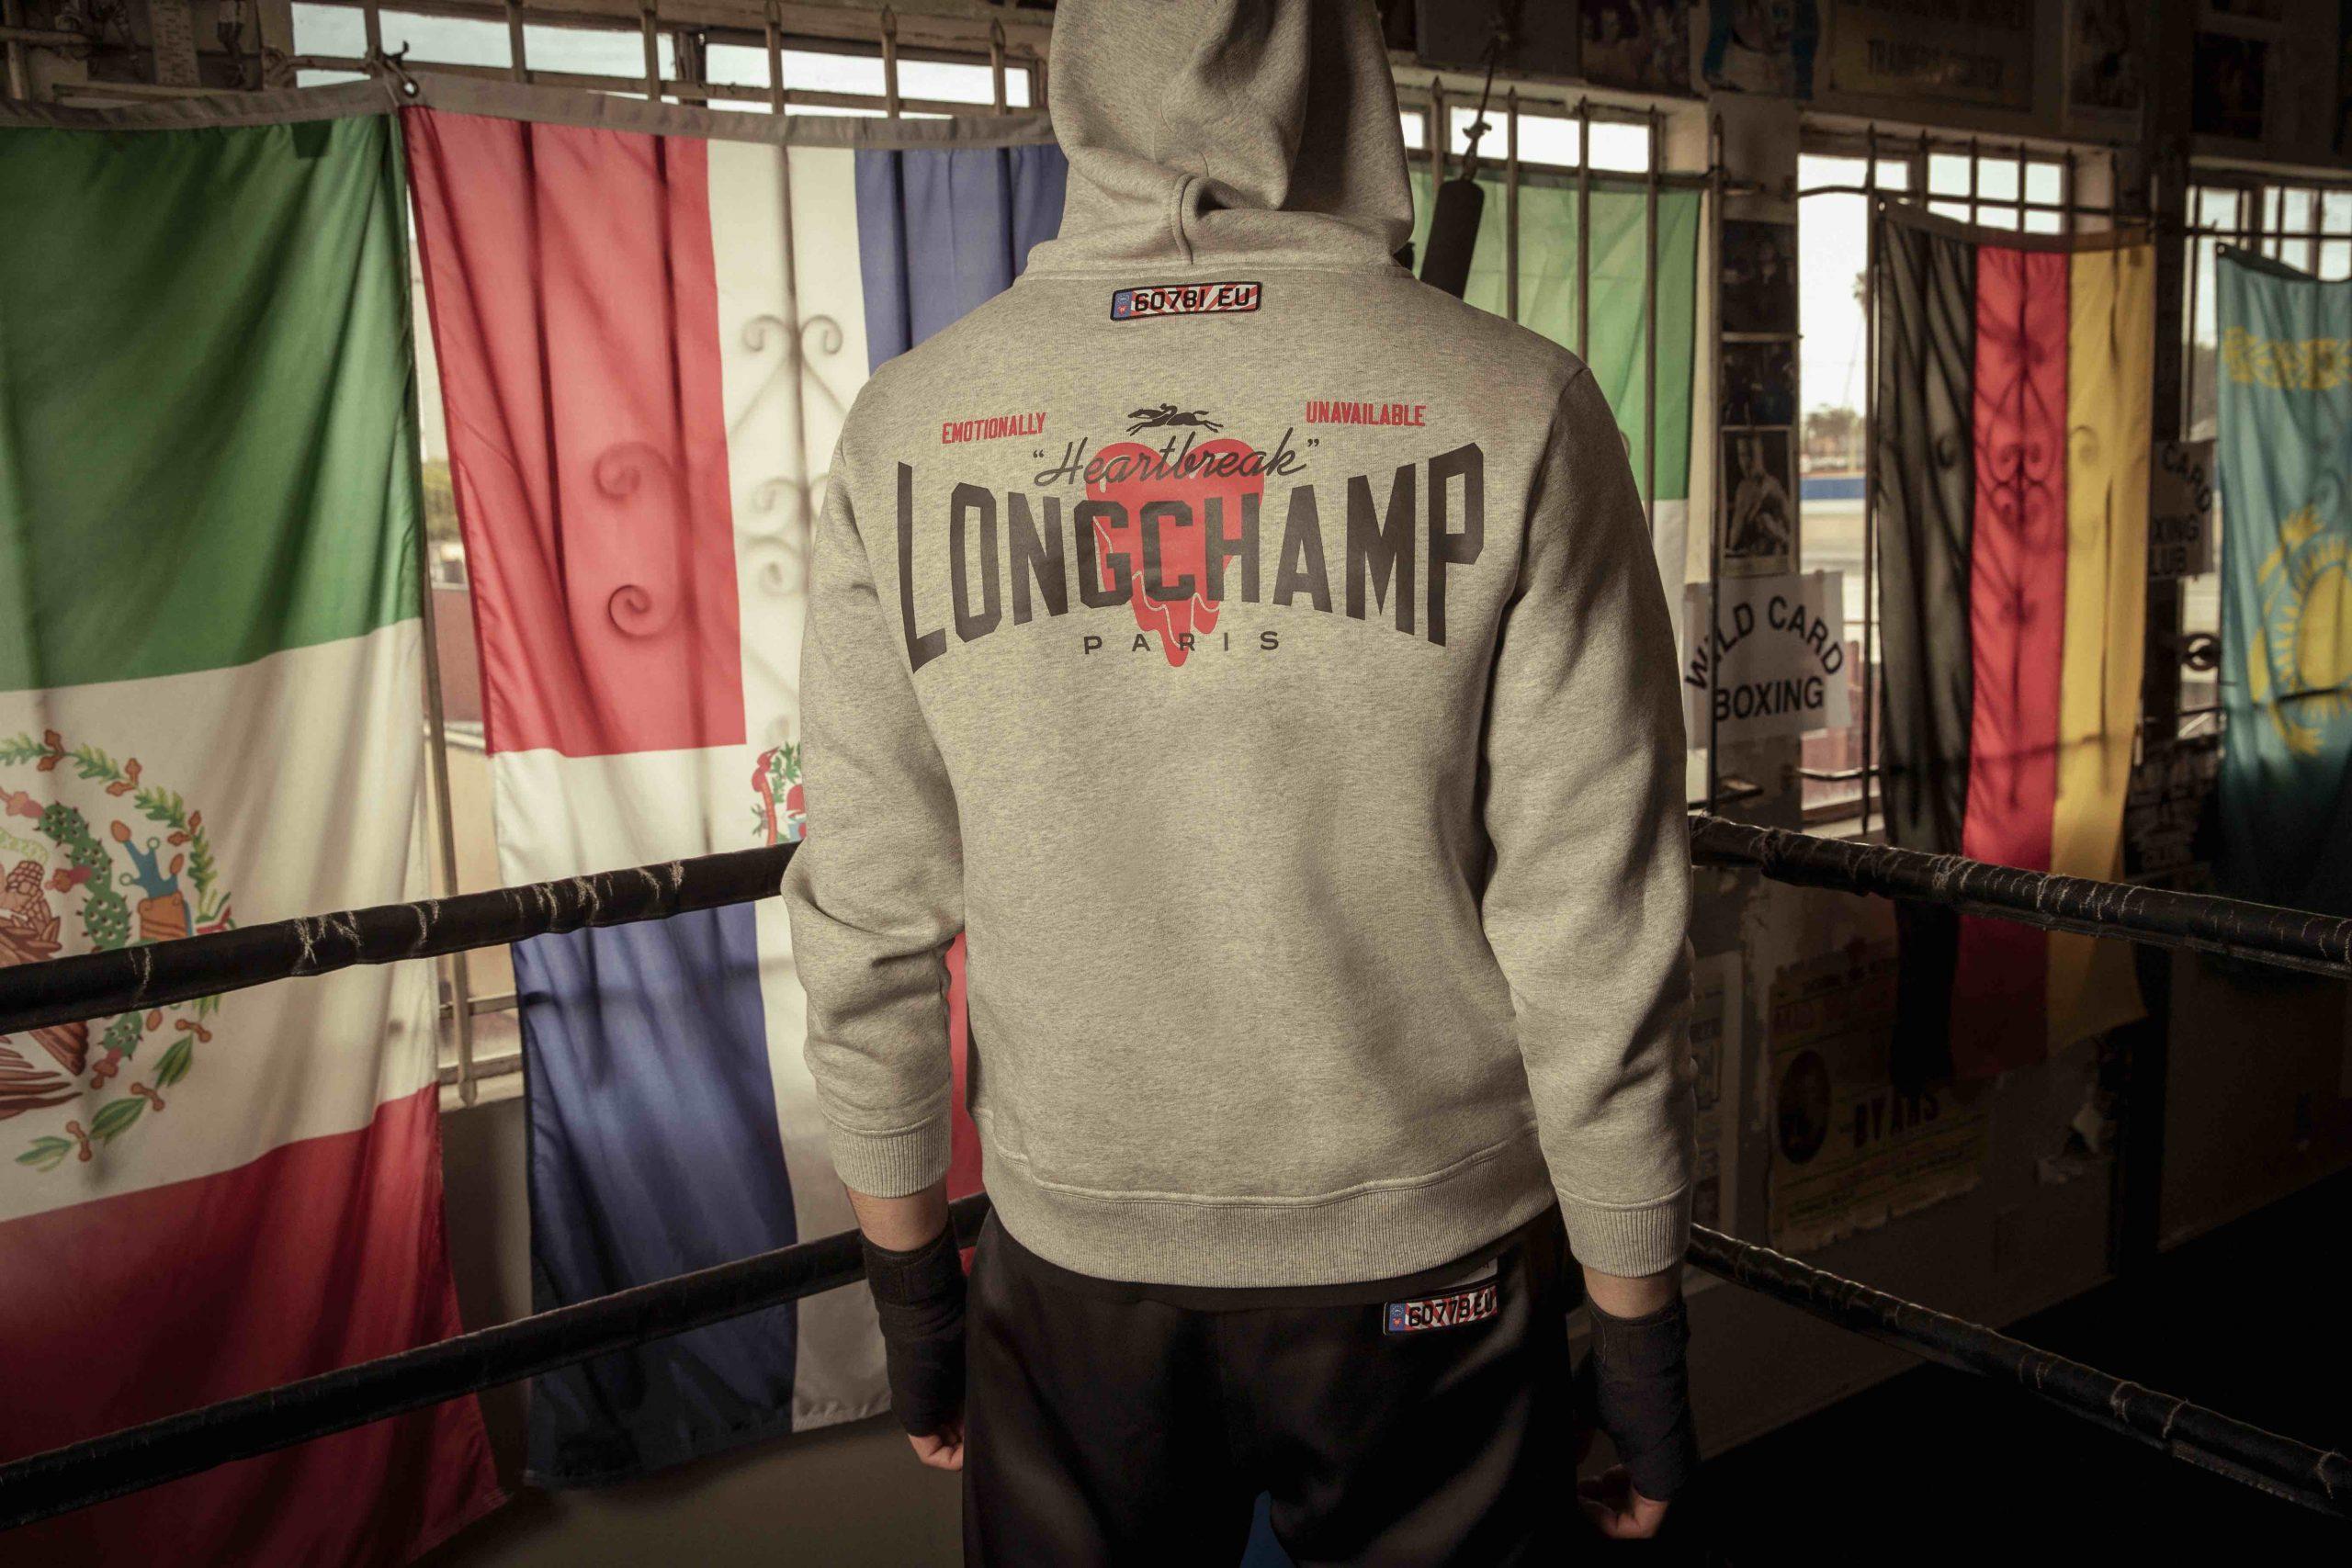 如何兼顾经典与潮流? Longchamp x EU 给出了最好的作答